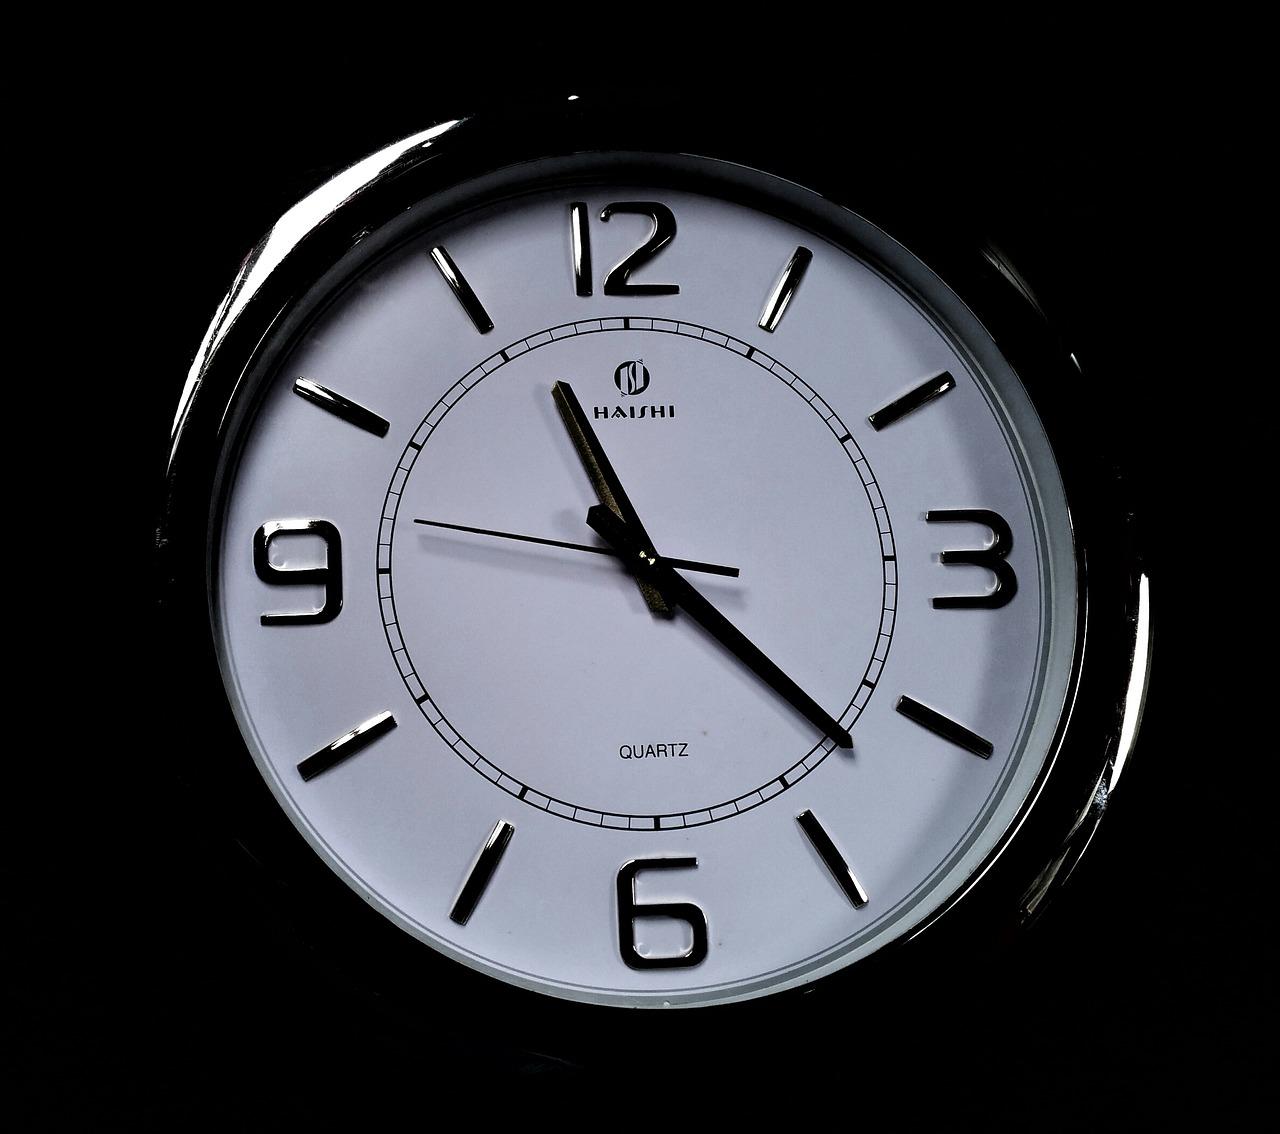 11時22分を指してる時計